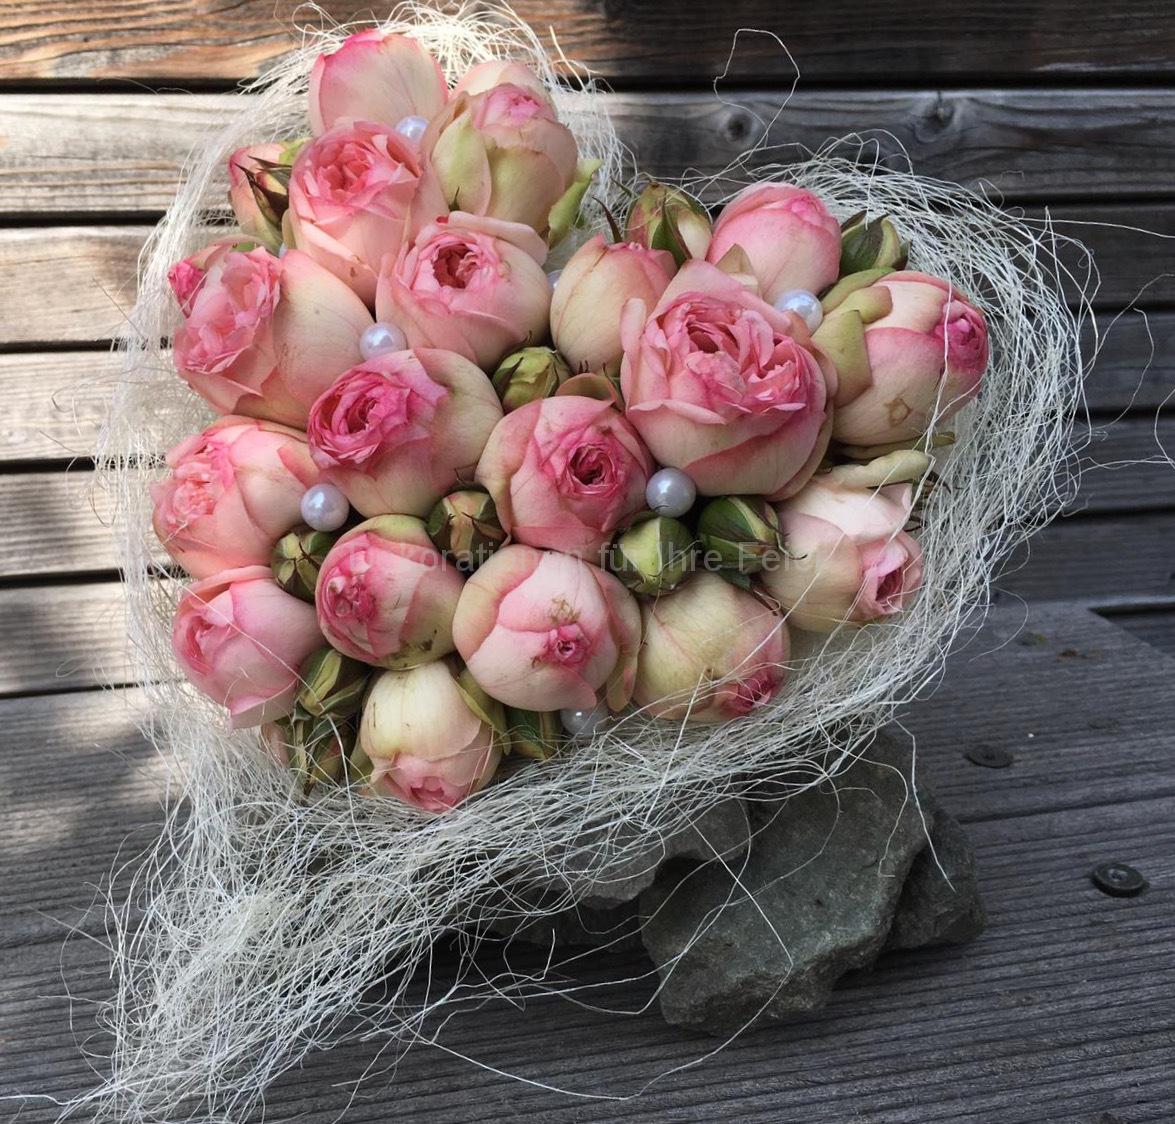 Ein Strauß der Liebe - rosarote Rosen in Herzform zu einem Strauß gebunden. Das wird ihr Herz erwärmen!